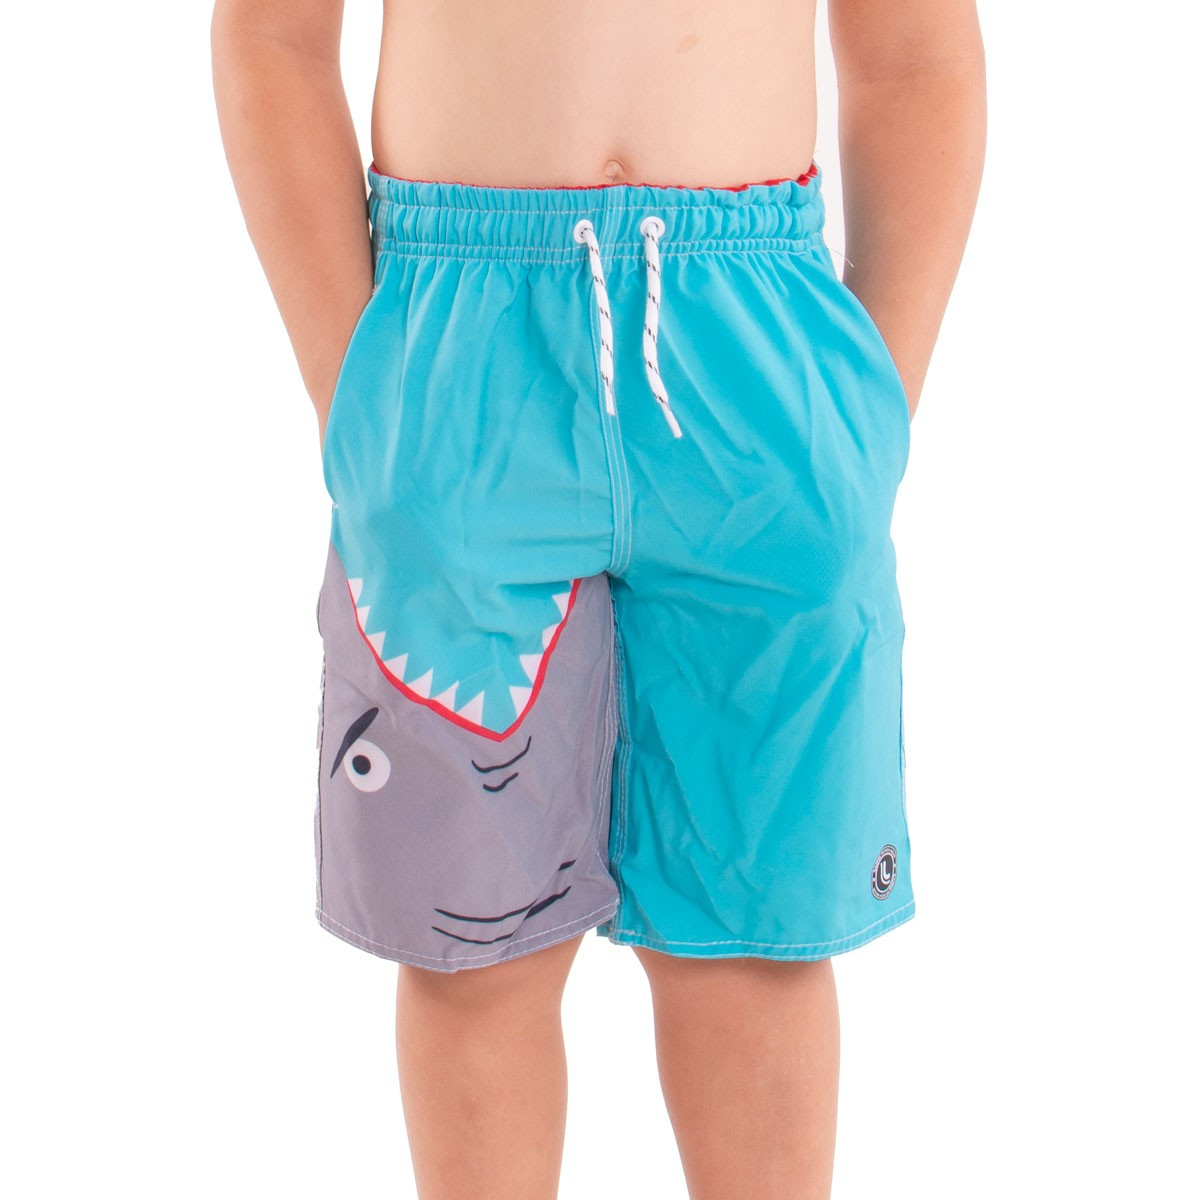 Short Infantil Masculino Estampado Lupo Kids Beachwear .